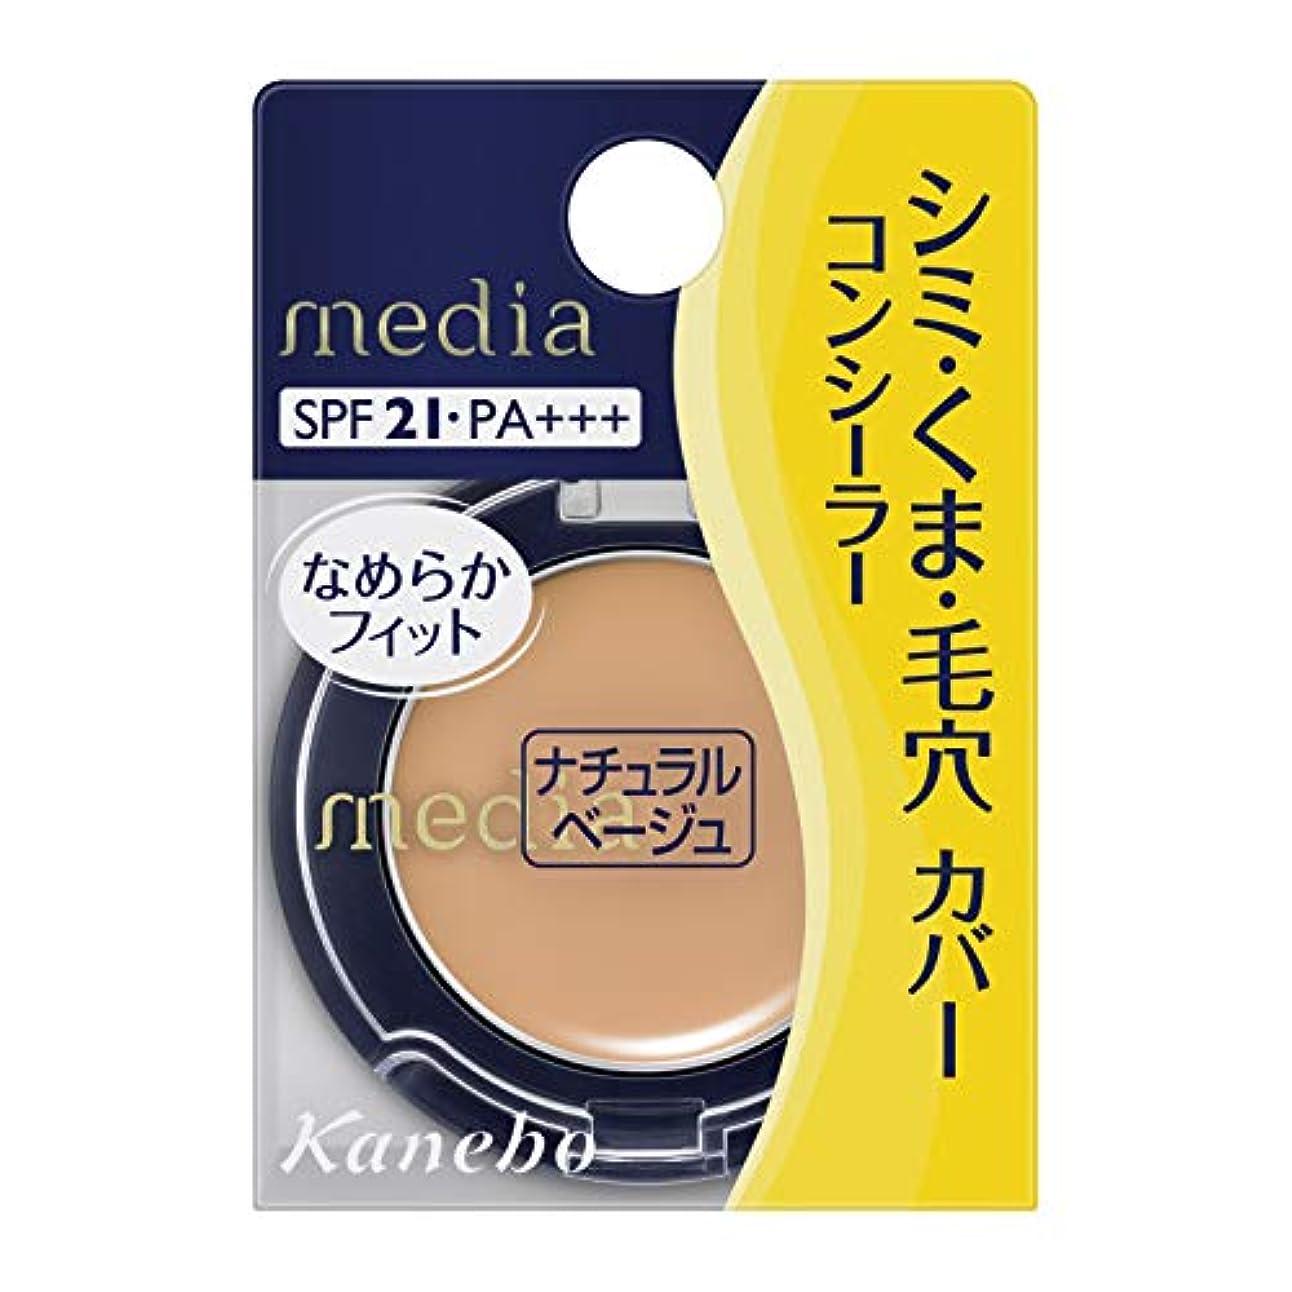 マリナー加害者早めるカネボウ化粧品 メディア コンシーラー S ナチュラルベージュ 1.7g